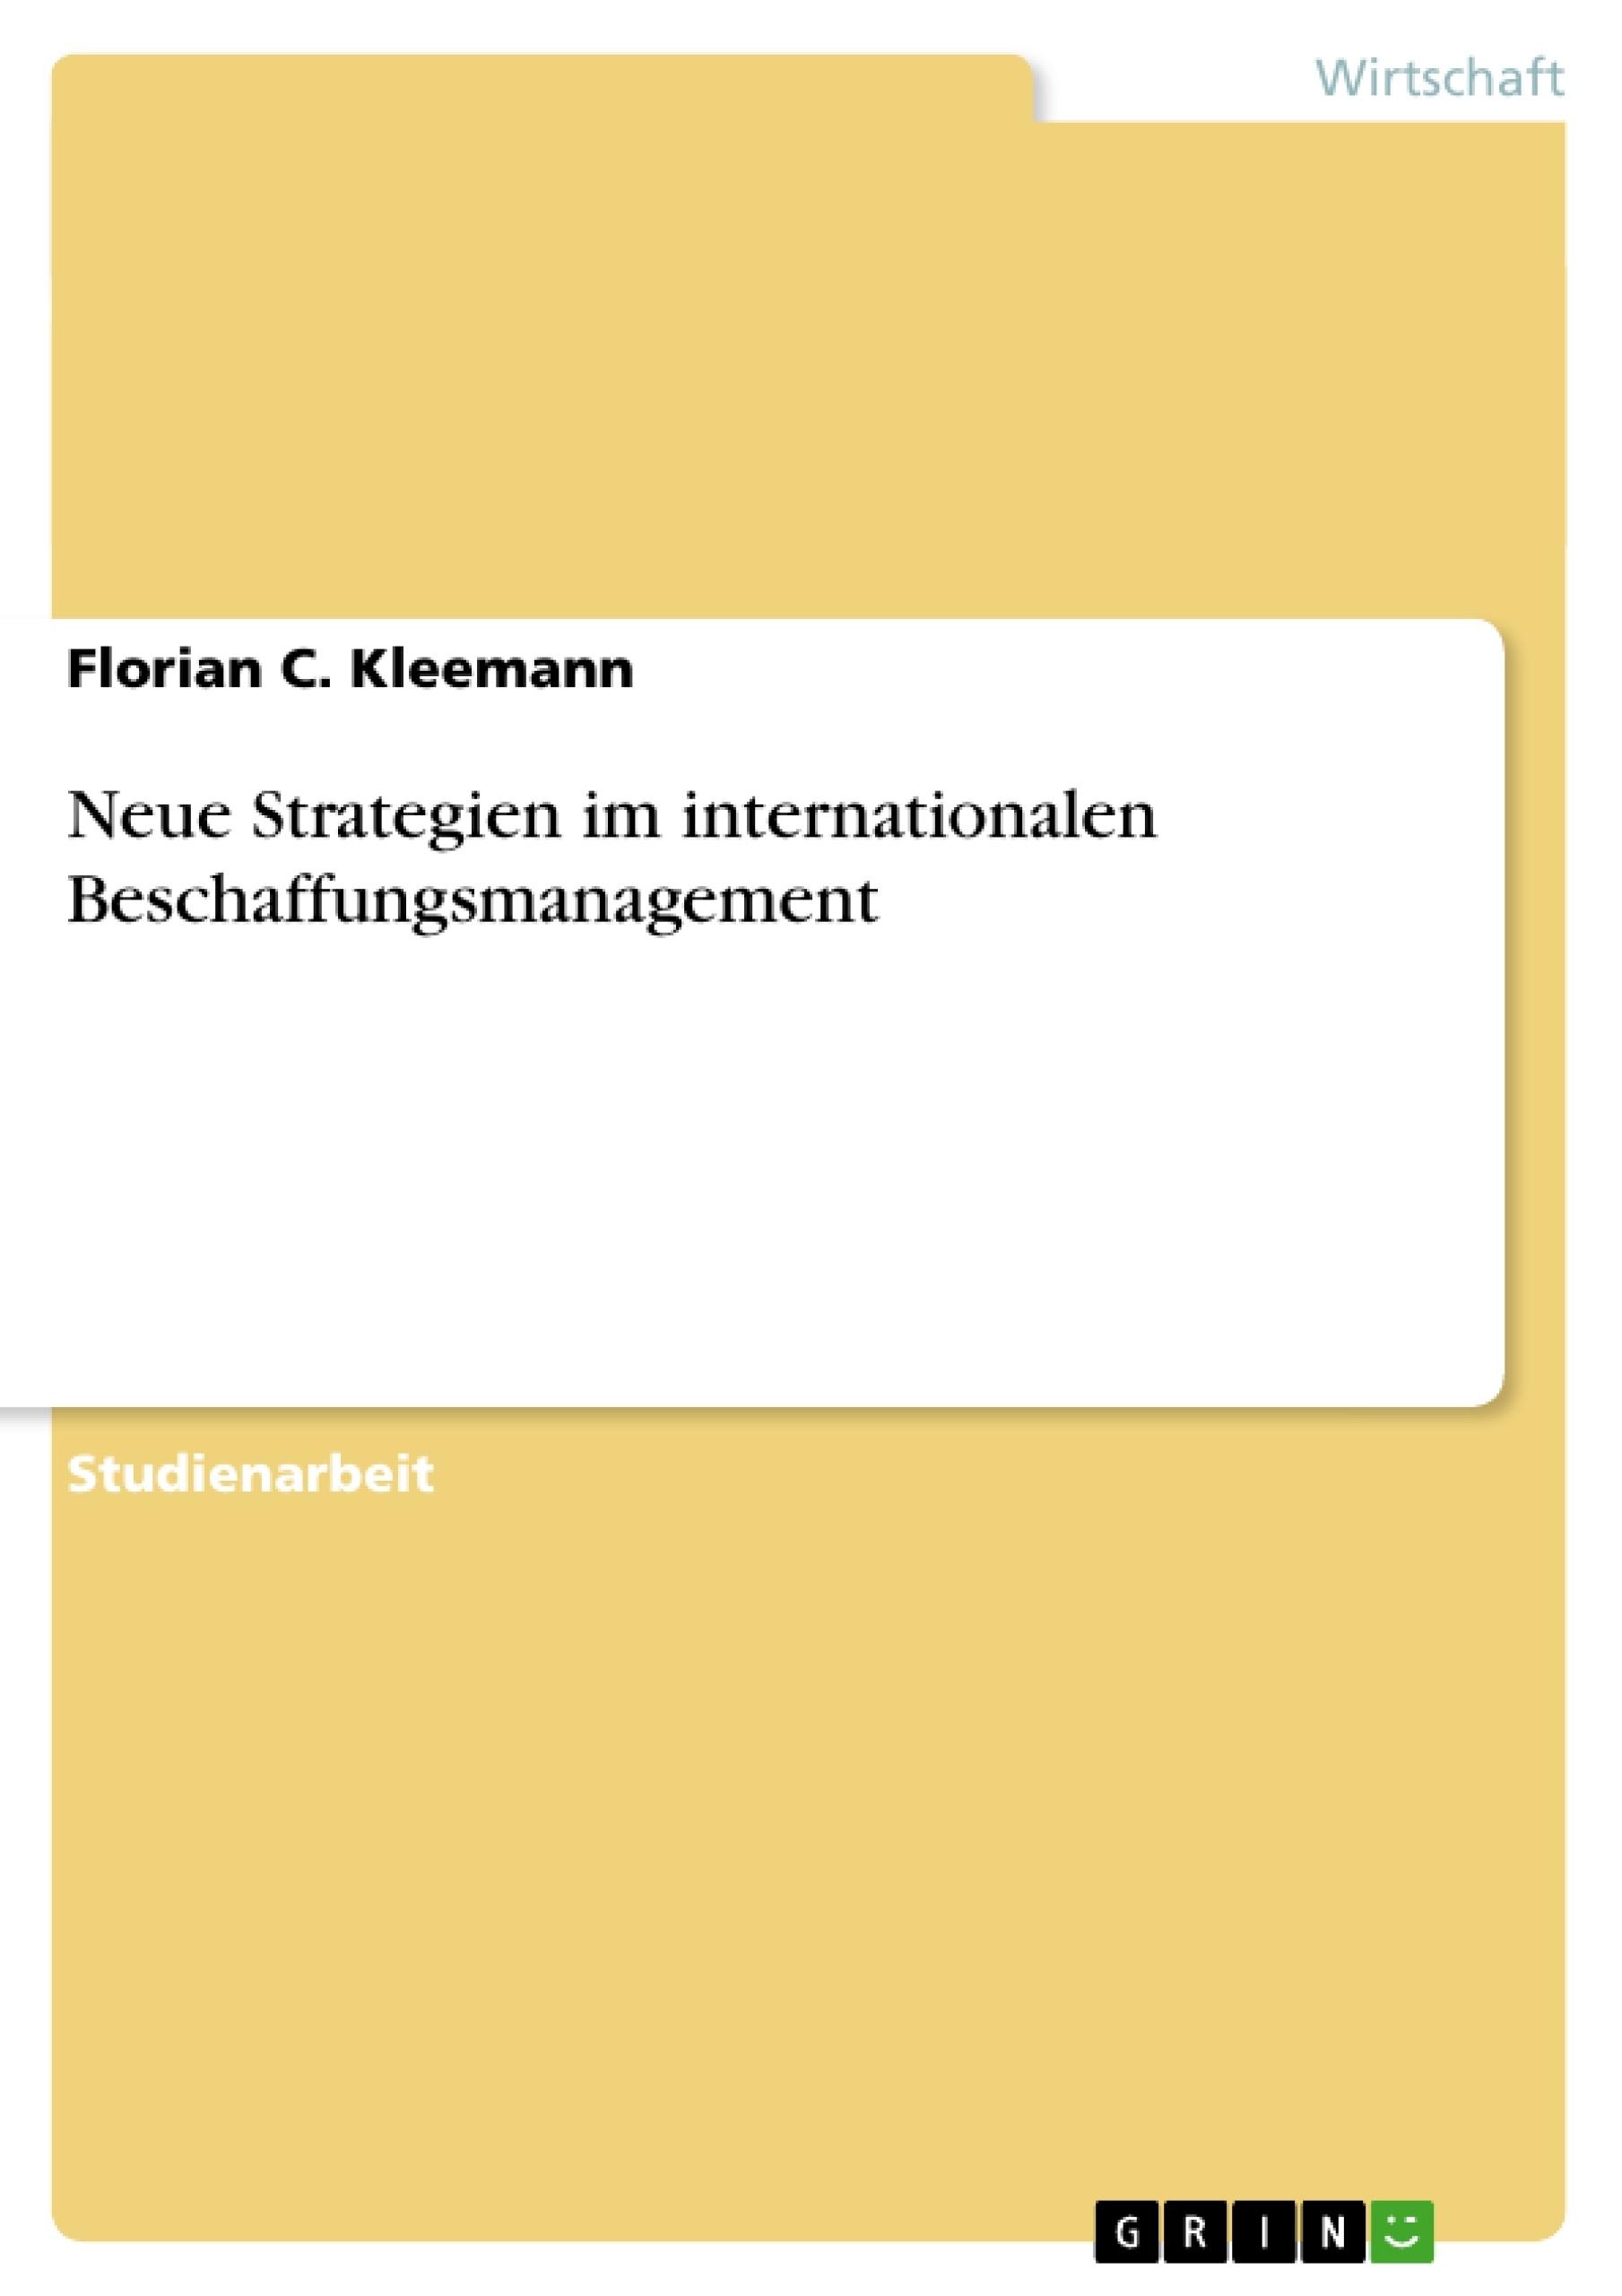 Titel: Neue Strategien im internationalen Beschaffungsmanagement